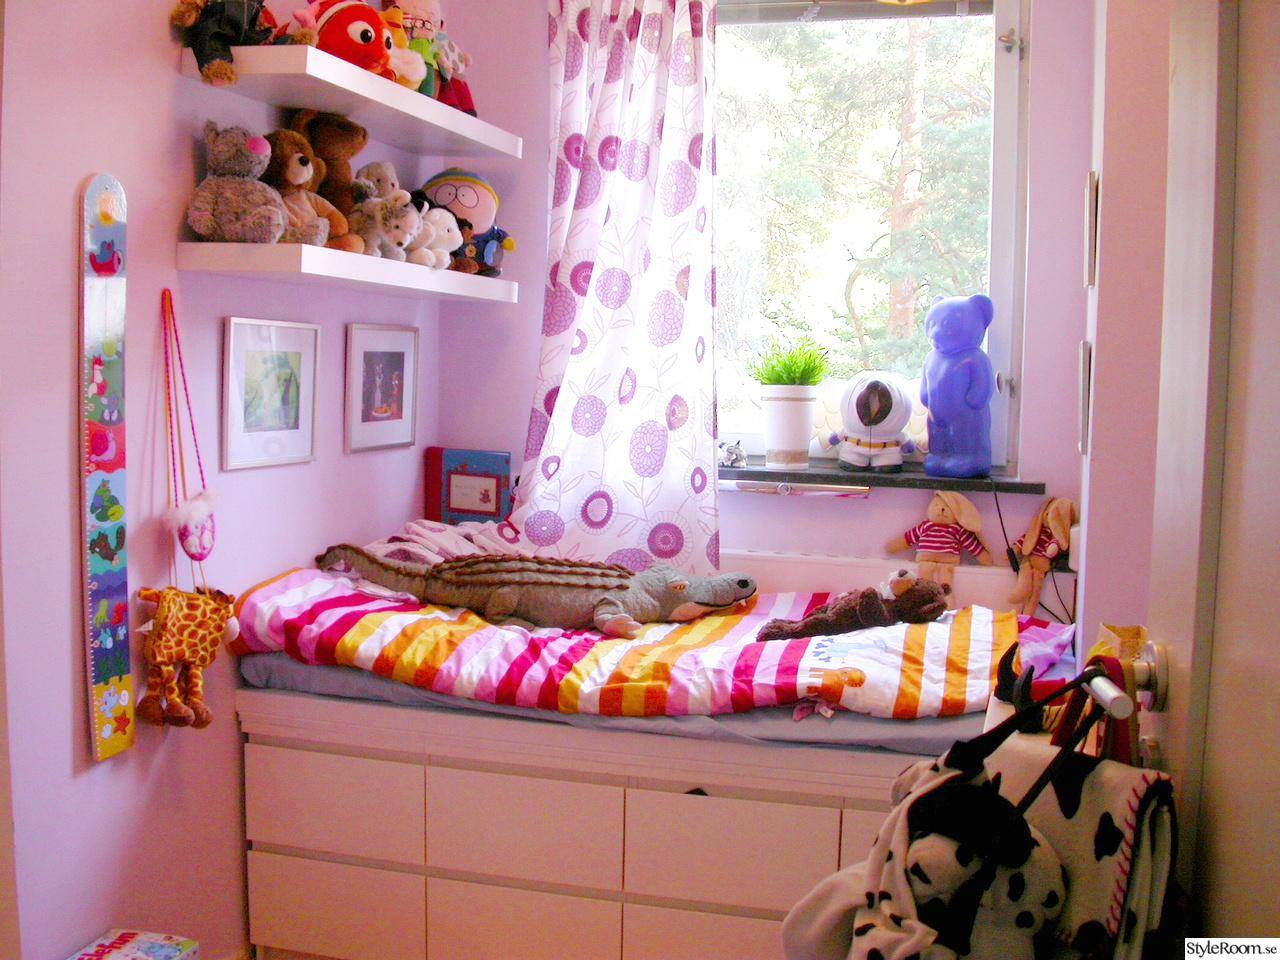 Compact Living Tips Kok : compact living,barnsong,barnrum,rosa,lila,malm,smart losning